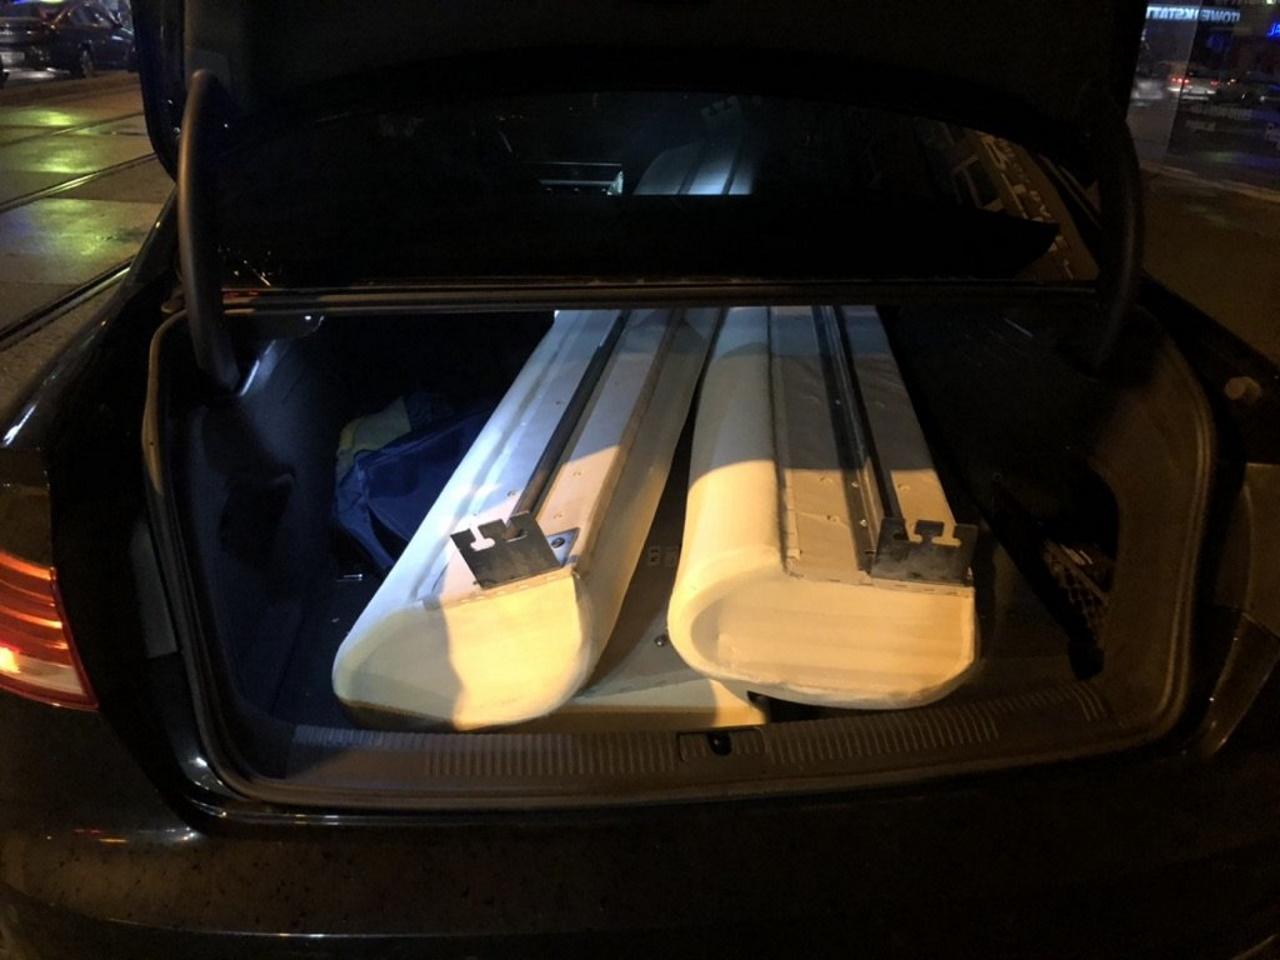 Bett in einem Kofferraum